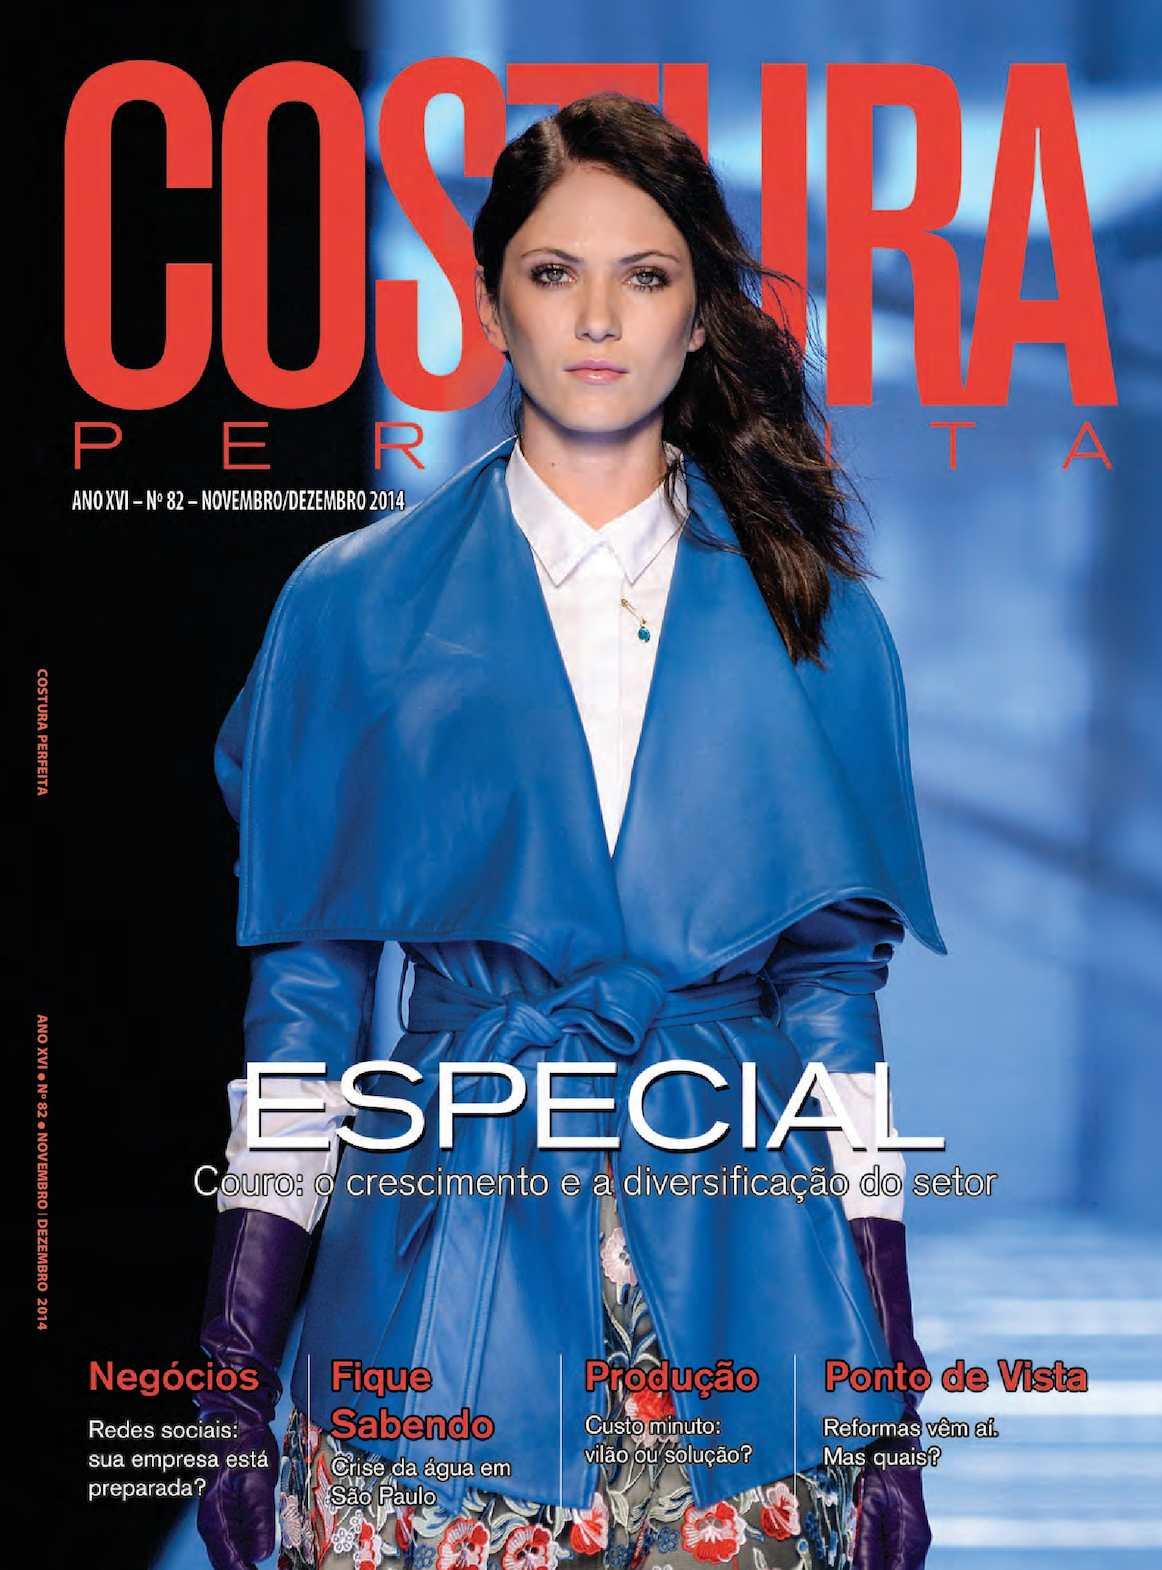 Calaméo - Revista Costura Perfeita Edição Ano XVI - N82 - Novembro-Dezembro  2014 1779a4364d3